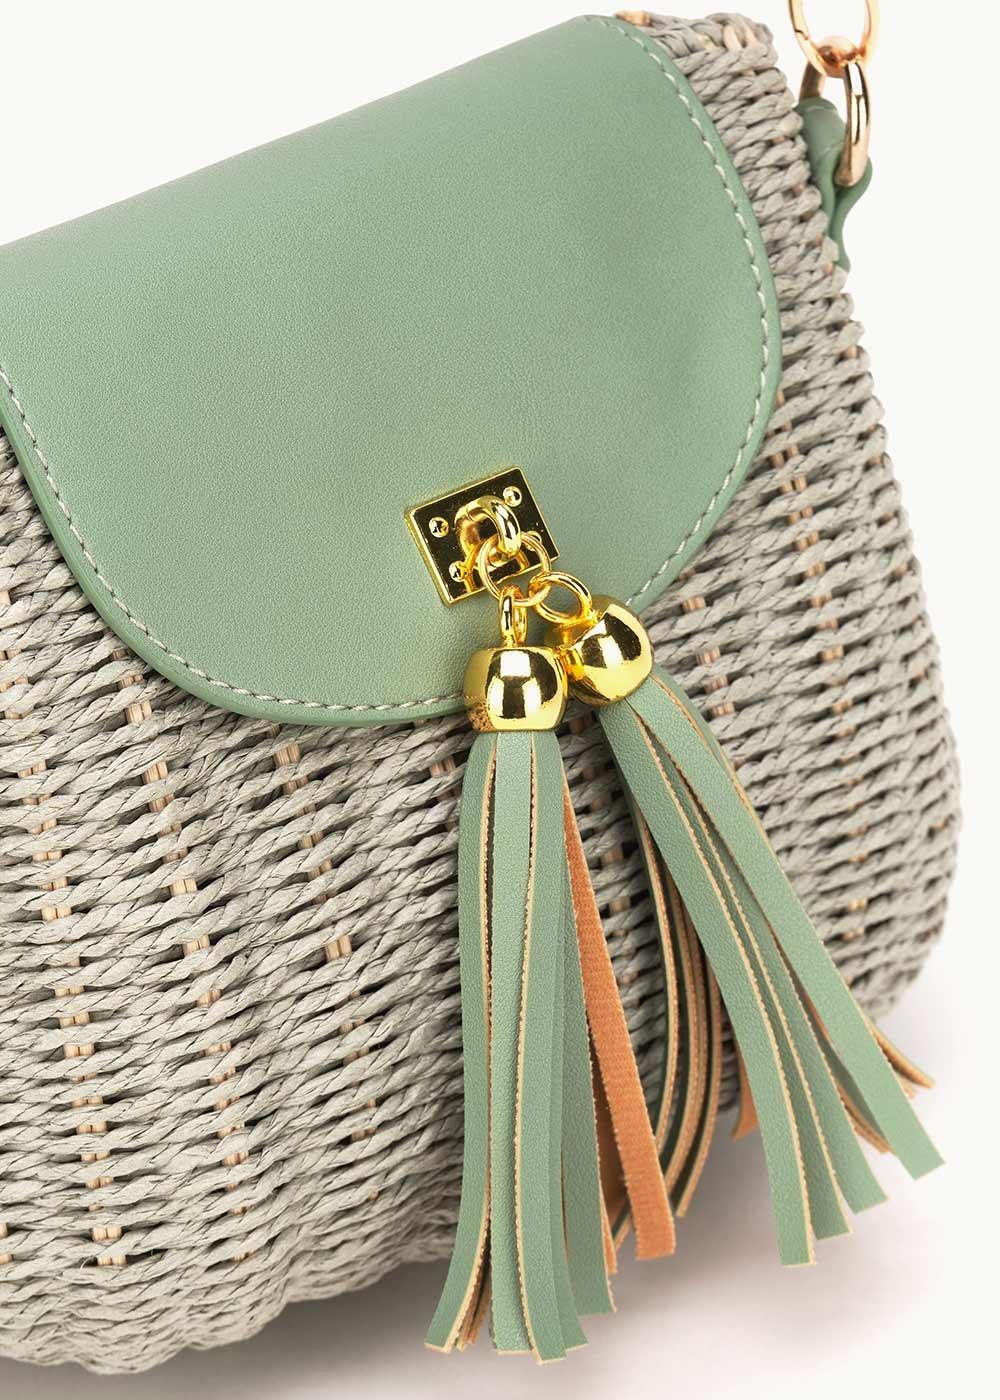 Belan wicker bag with tassels - Red - Woman